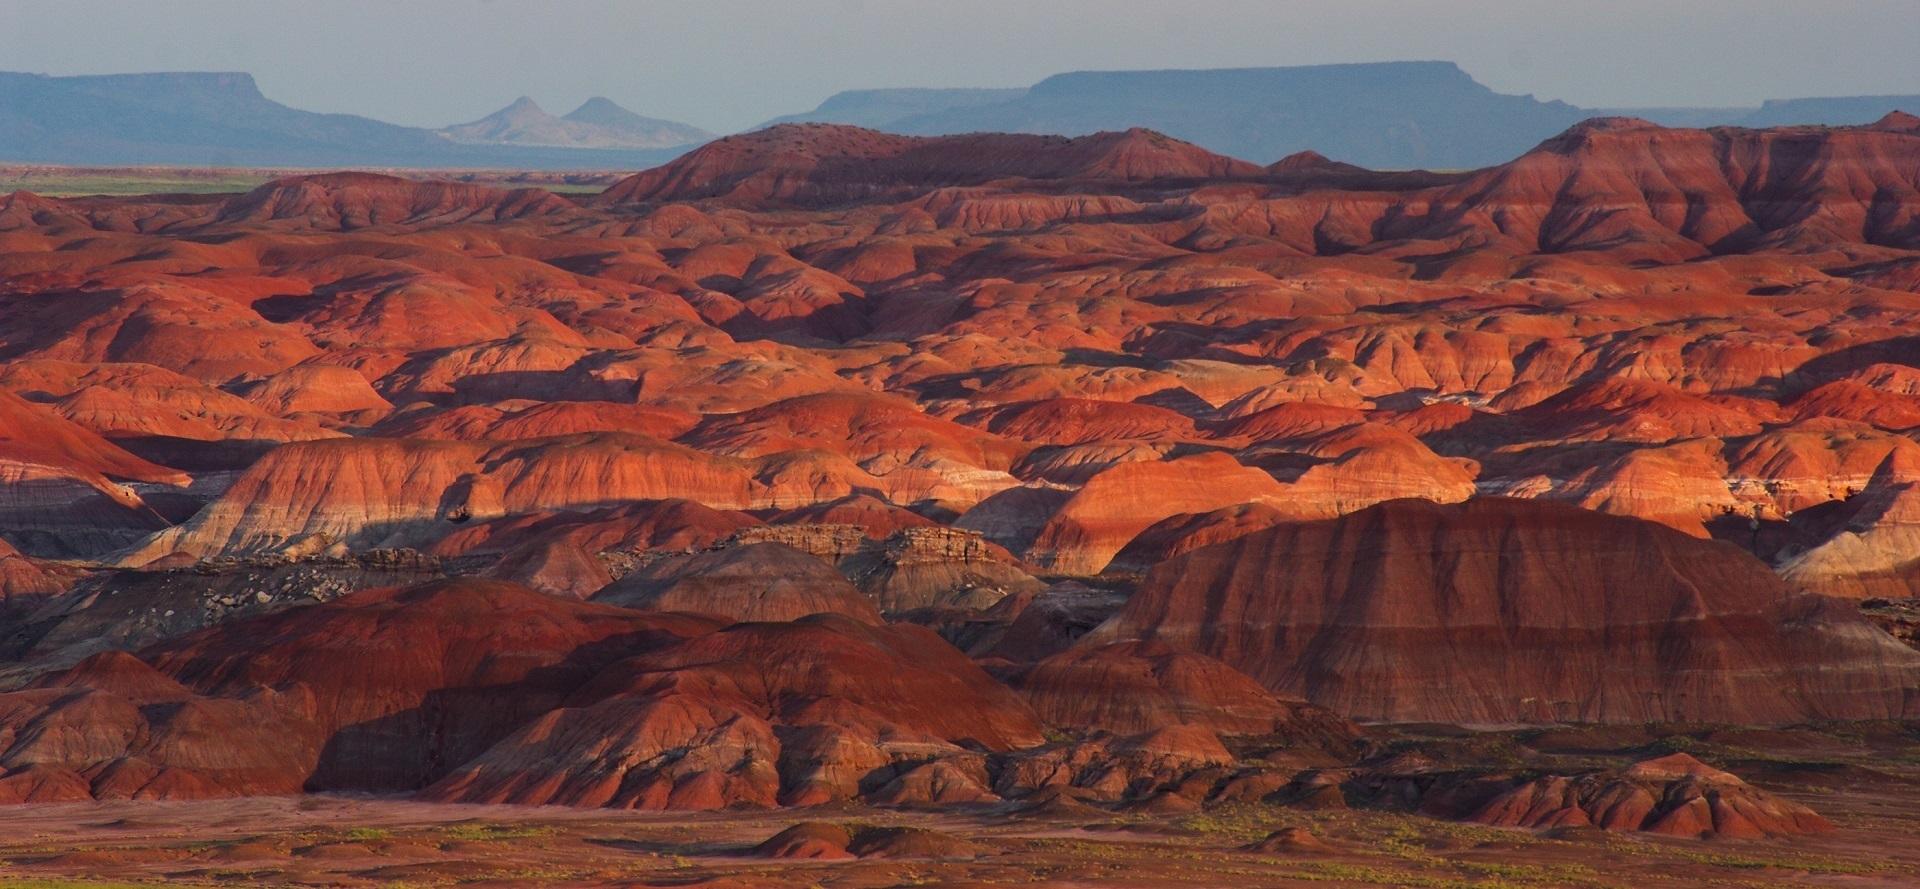 painted-desert-1286004